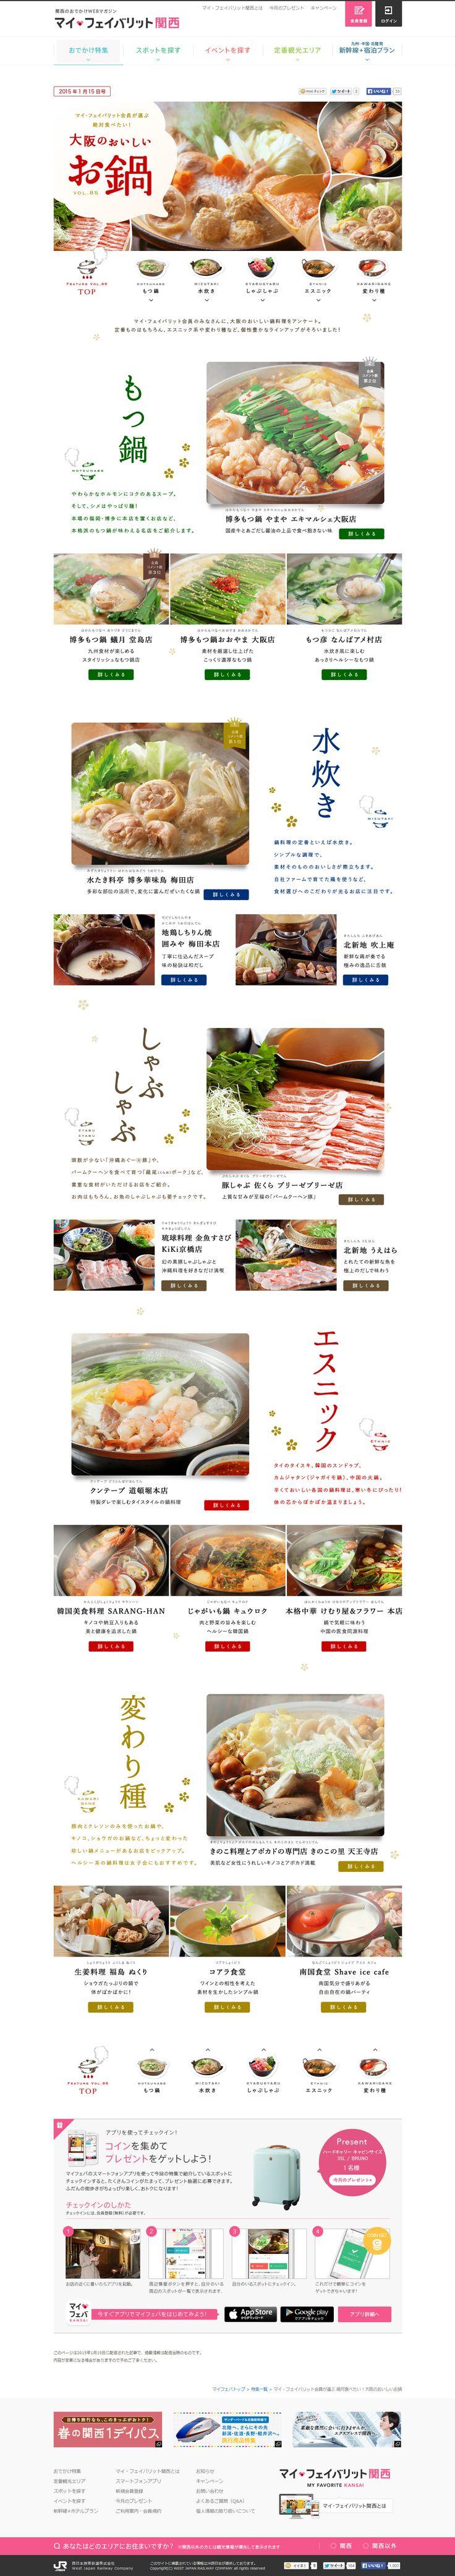 【特集Vol.85】マイ・フェイバリット会員が選ぶ 絶対食べたい!大阪のおいしいお鍋:マイ・フェイバリット関西